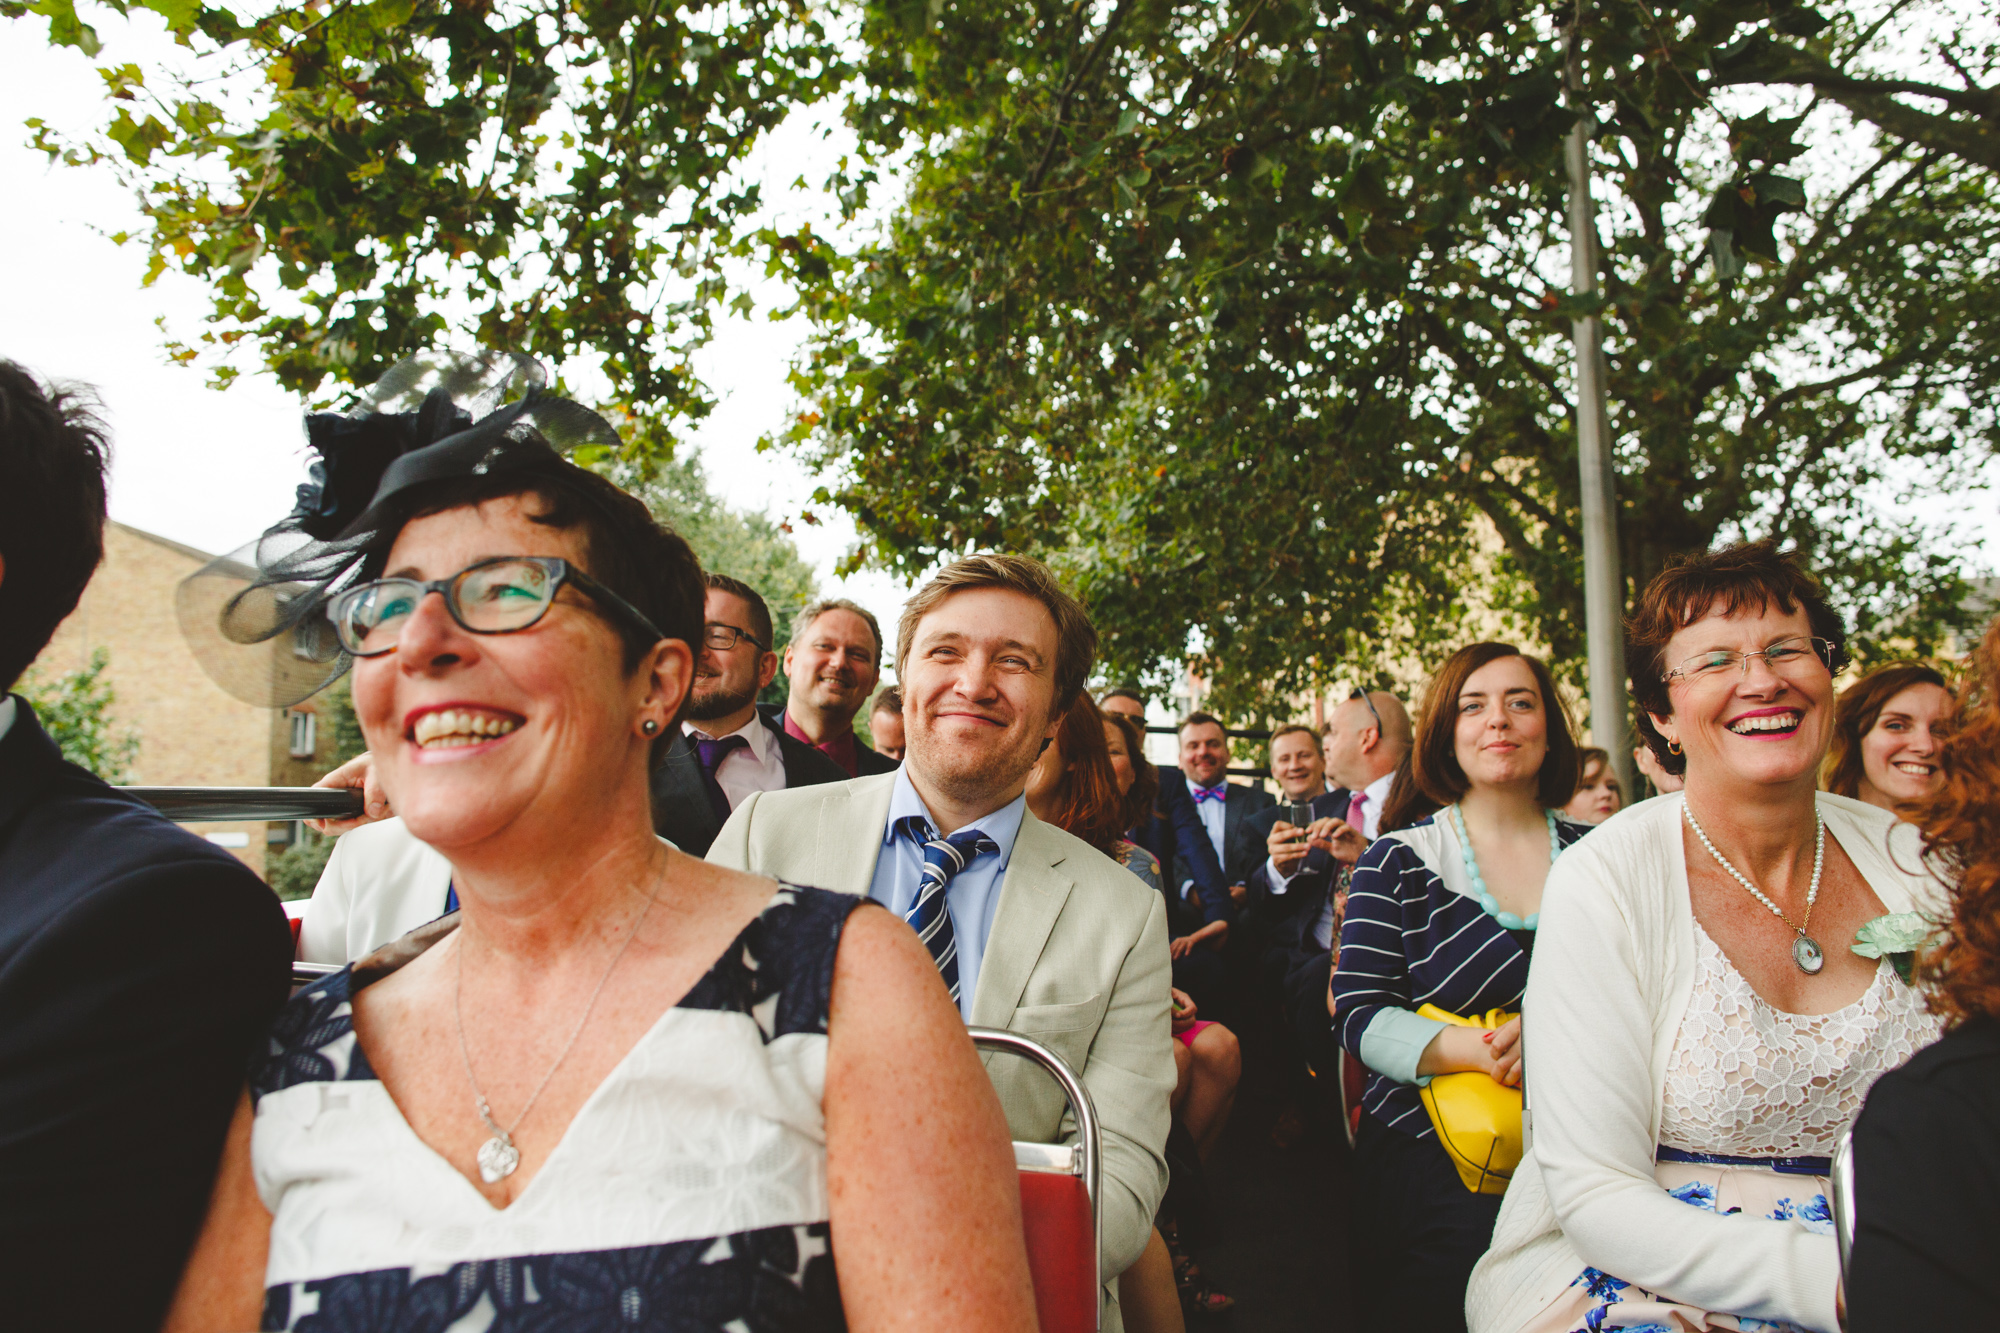 london-wedding-photographer--11.jpg